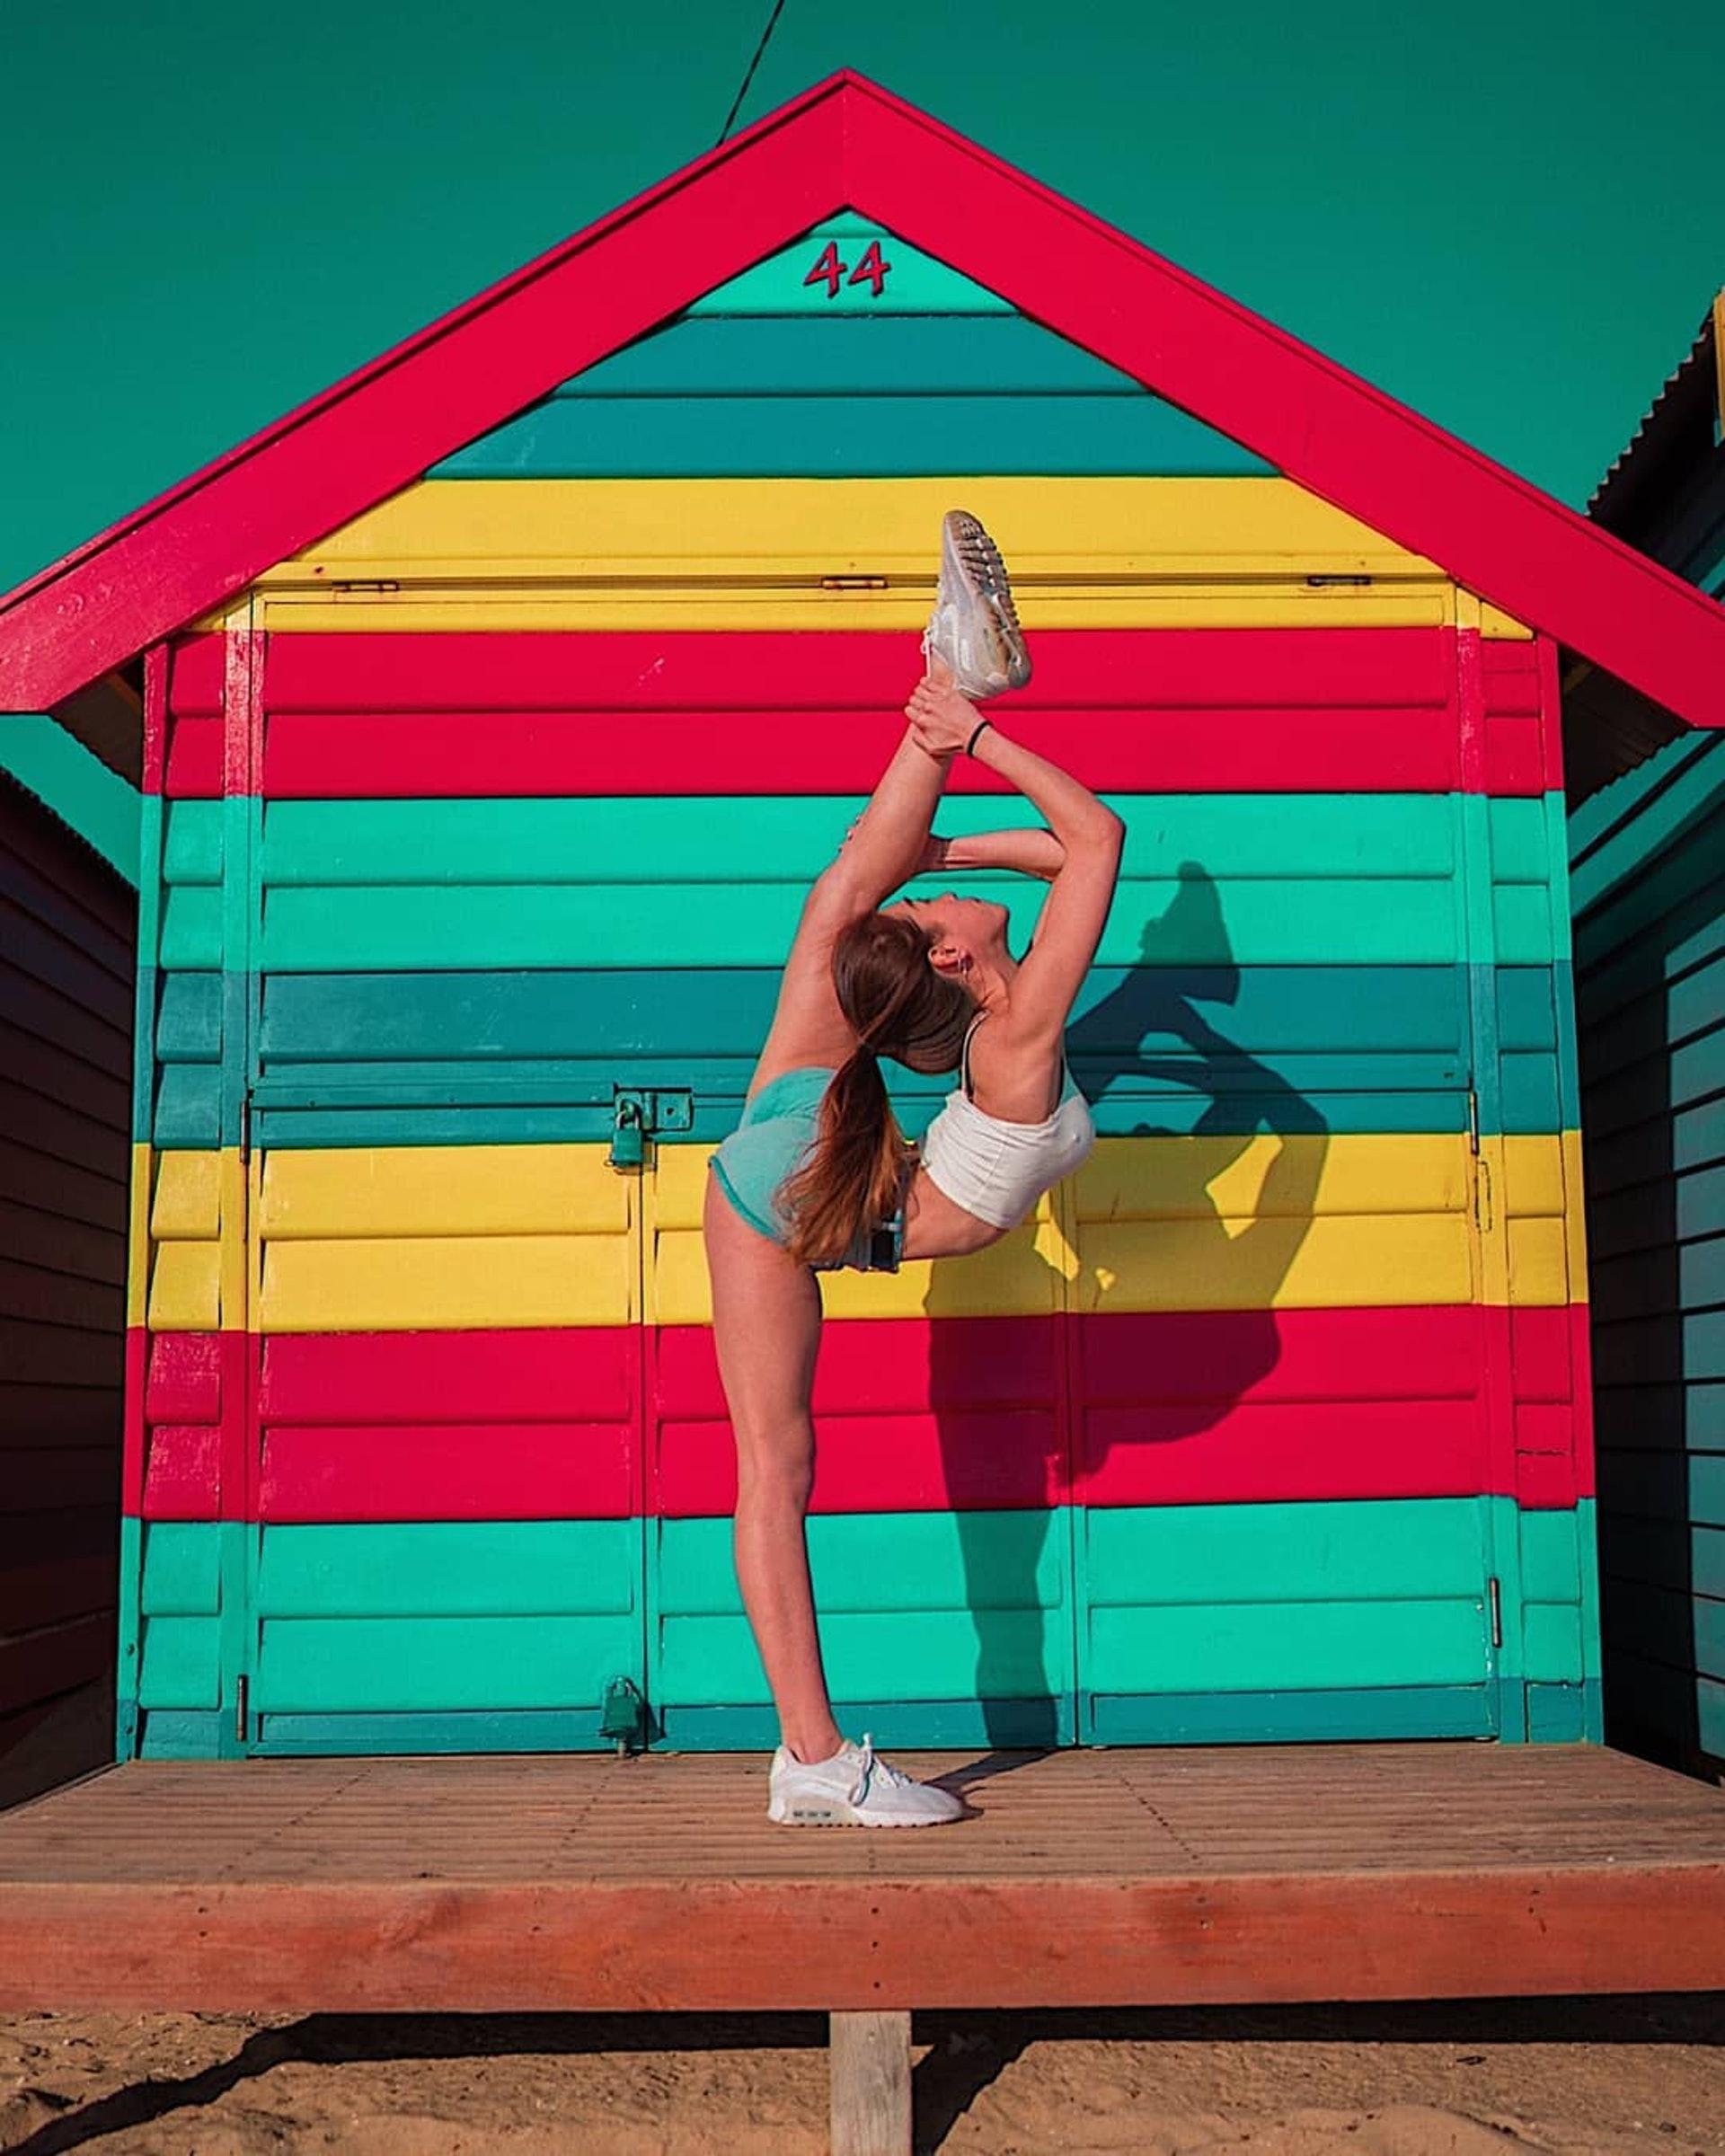 【#大馬網紅】Celine的身體柔軟性十足,可以站立做出一字馬的高難度動作。(IG「celine13_」圖片)